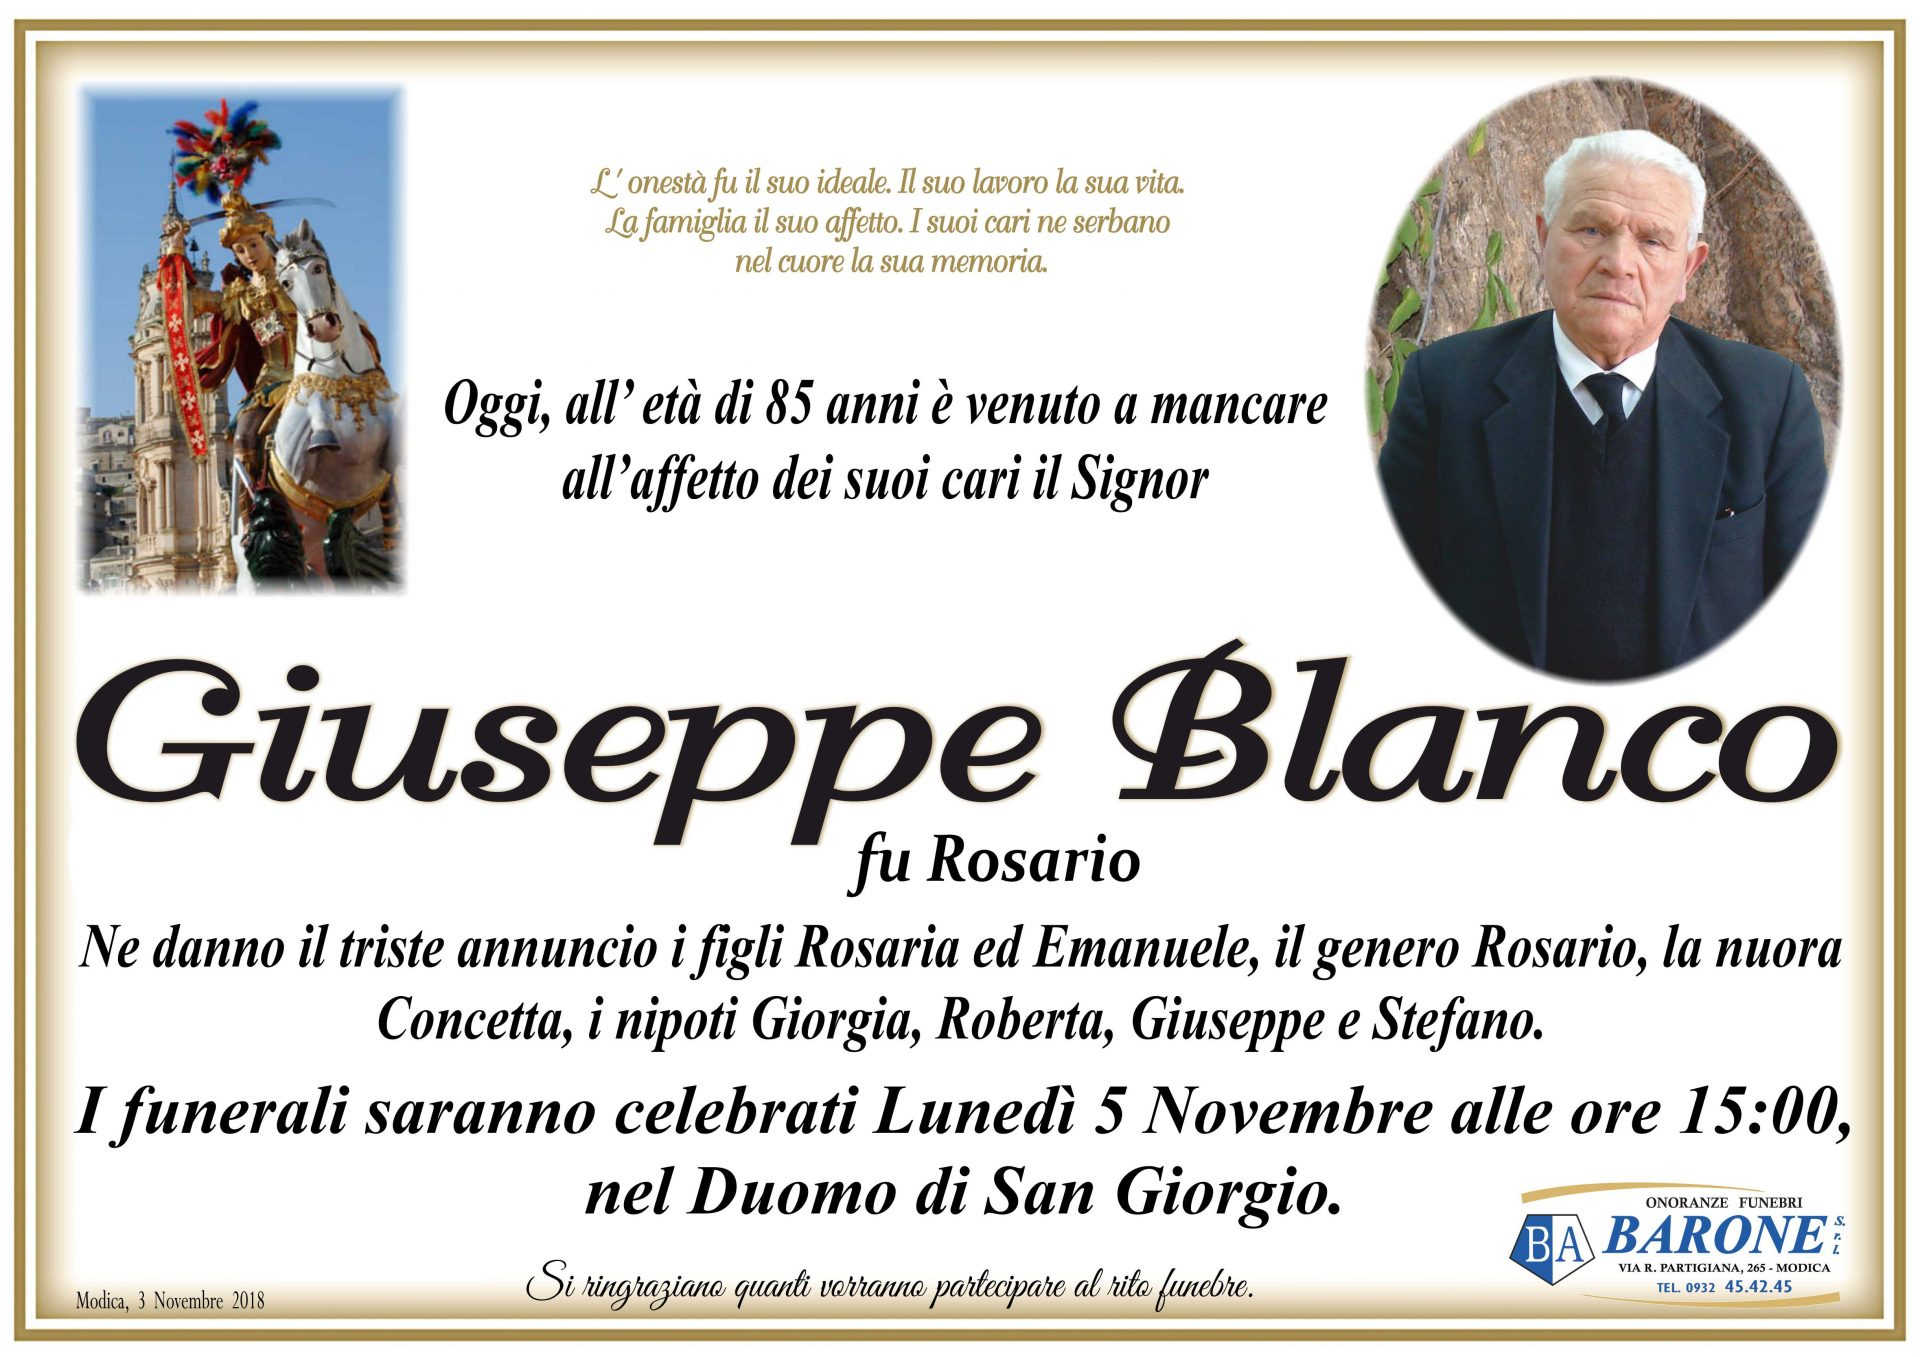 Giuseppe Blanco